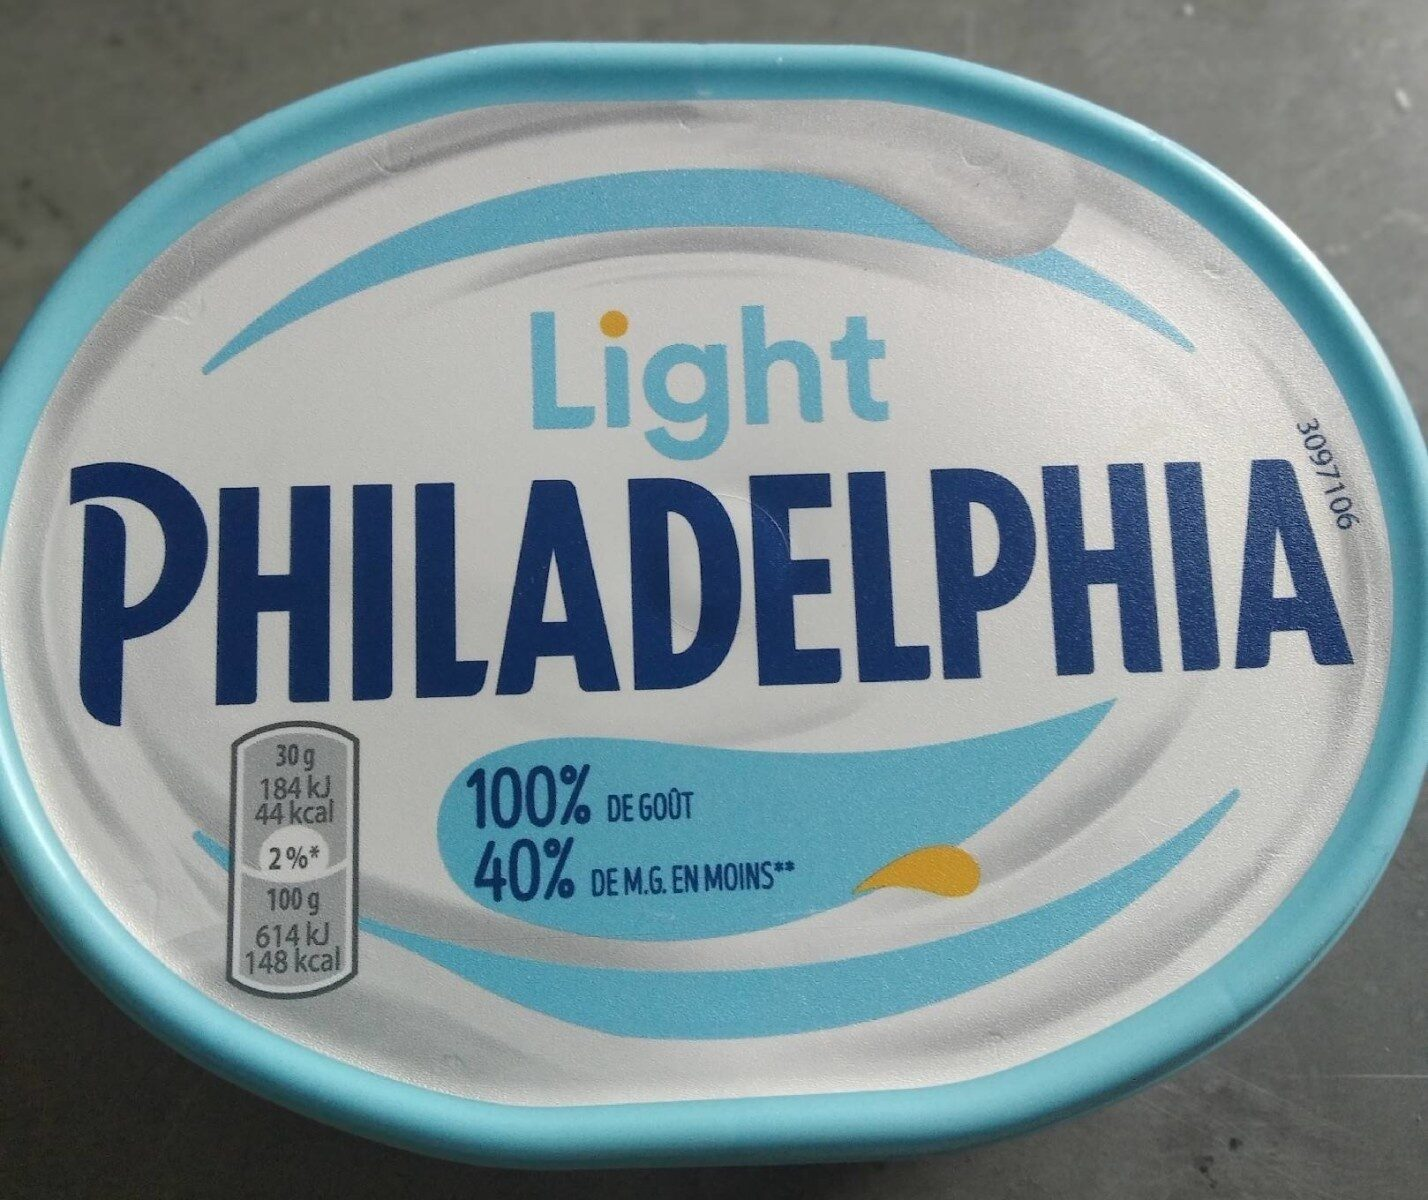 Philadelphia Light - Produit - fr